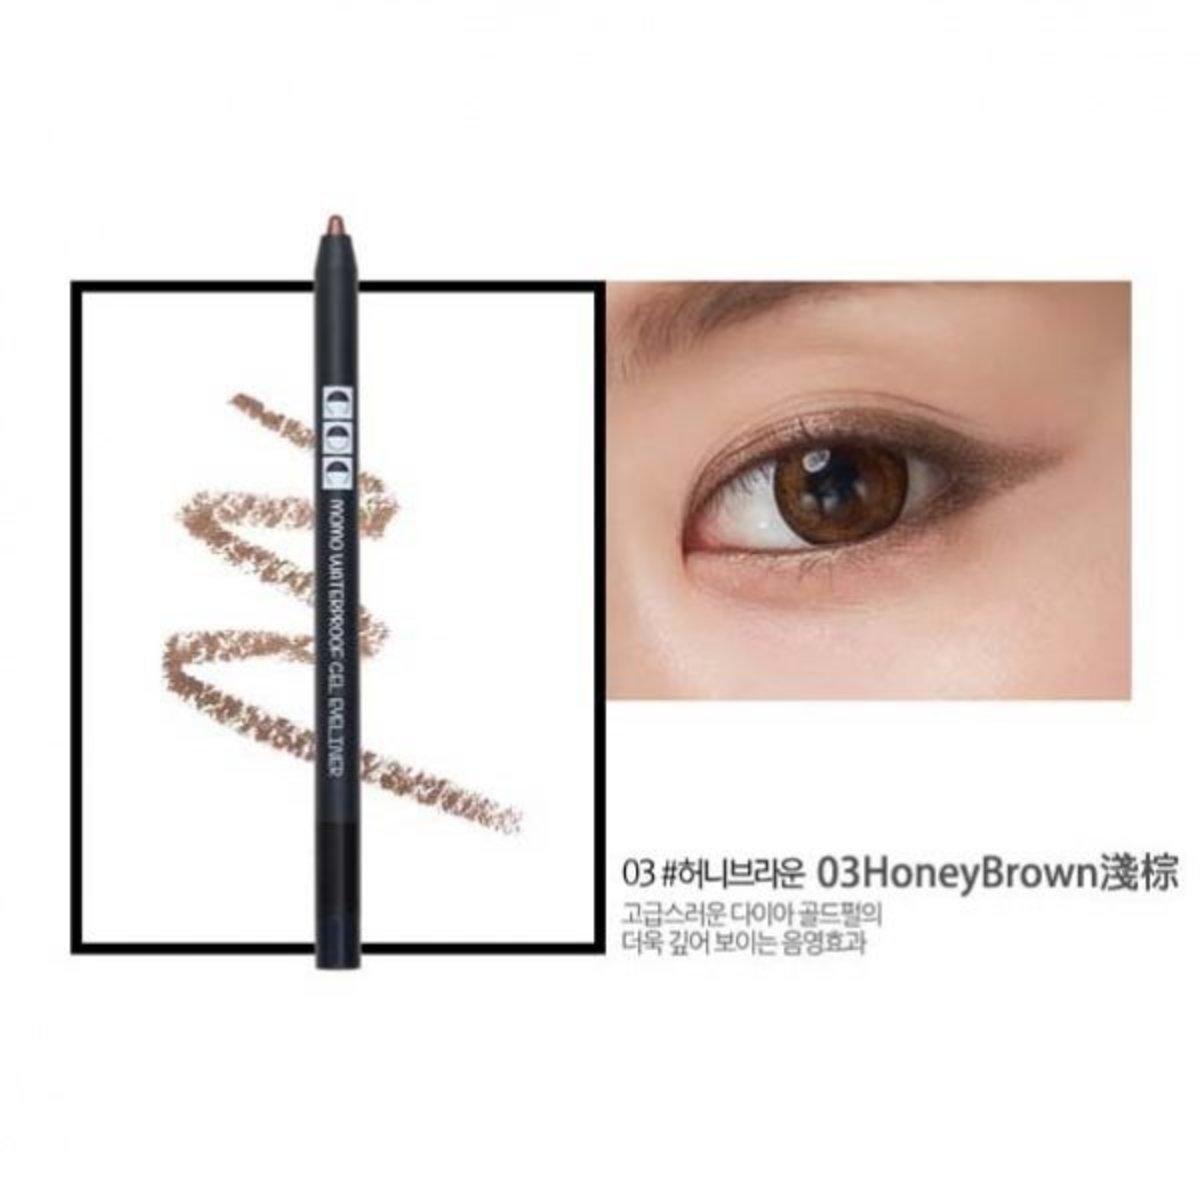 Heart Bounce waterproof Gel Eyeliner 0.6g - 03 Honey Brown